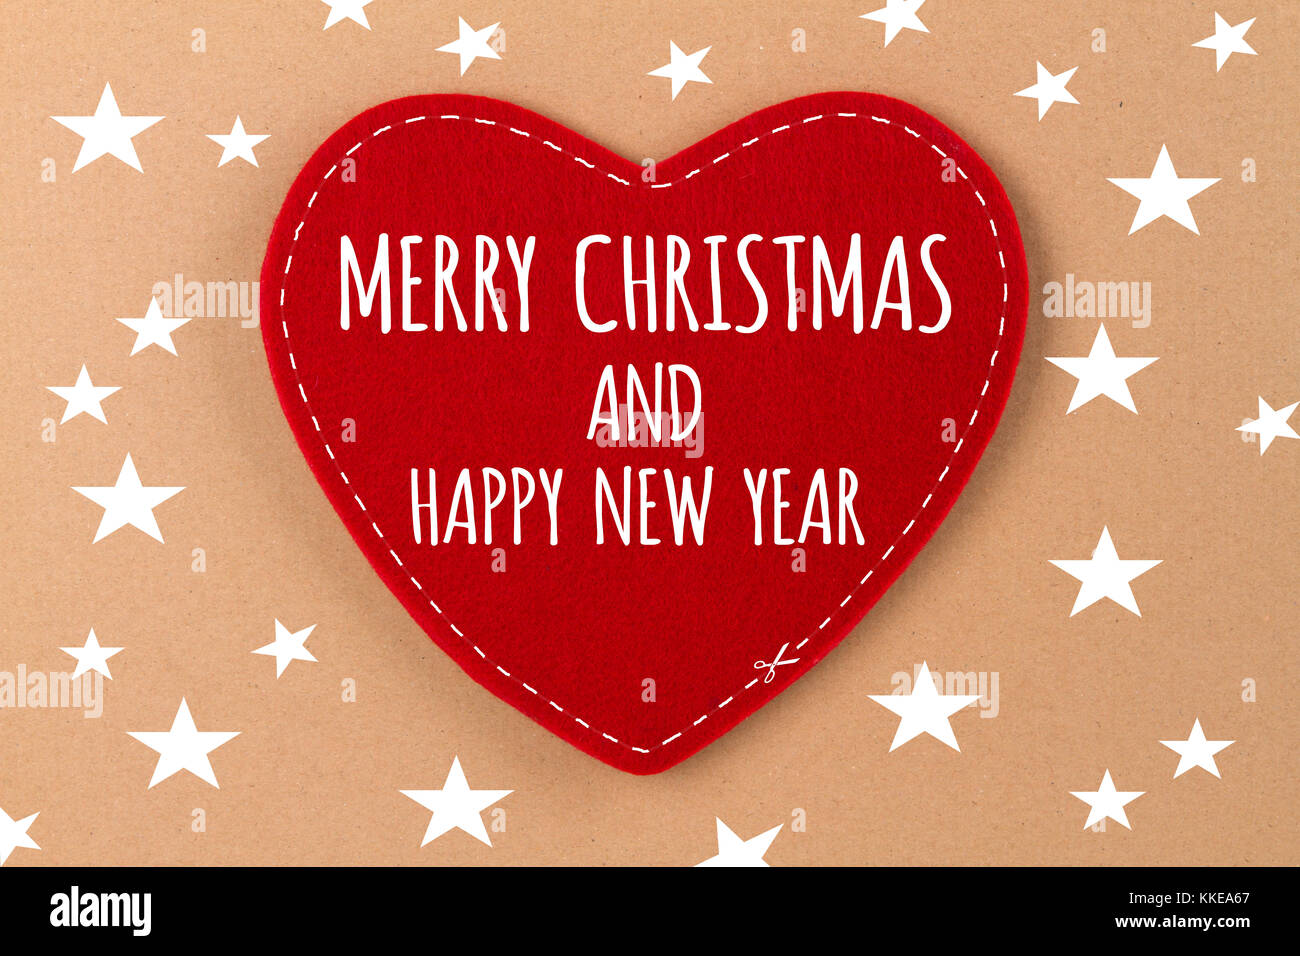 Frohe Weihnachten Text Karte.Herz Auf Beigen Hintergrund Mit Schriftzug Frohe